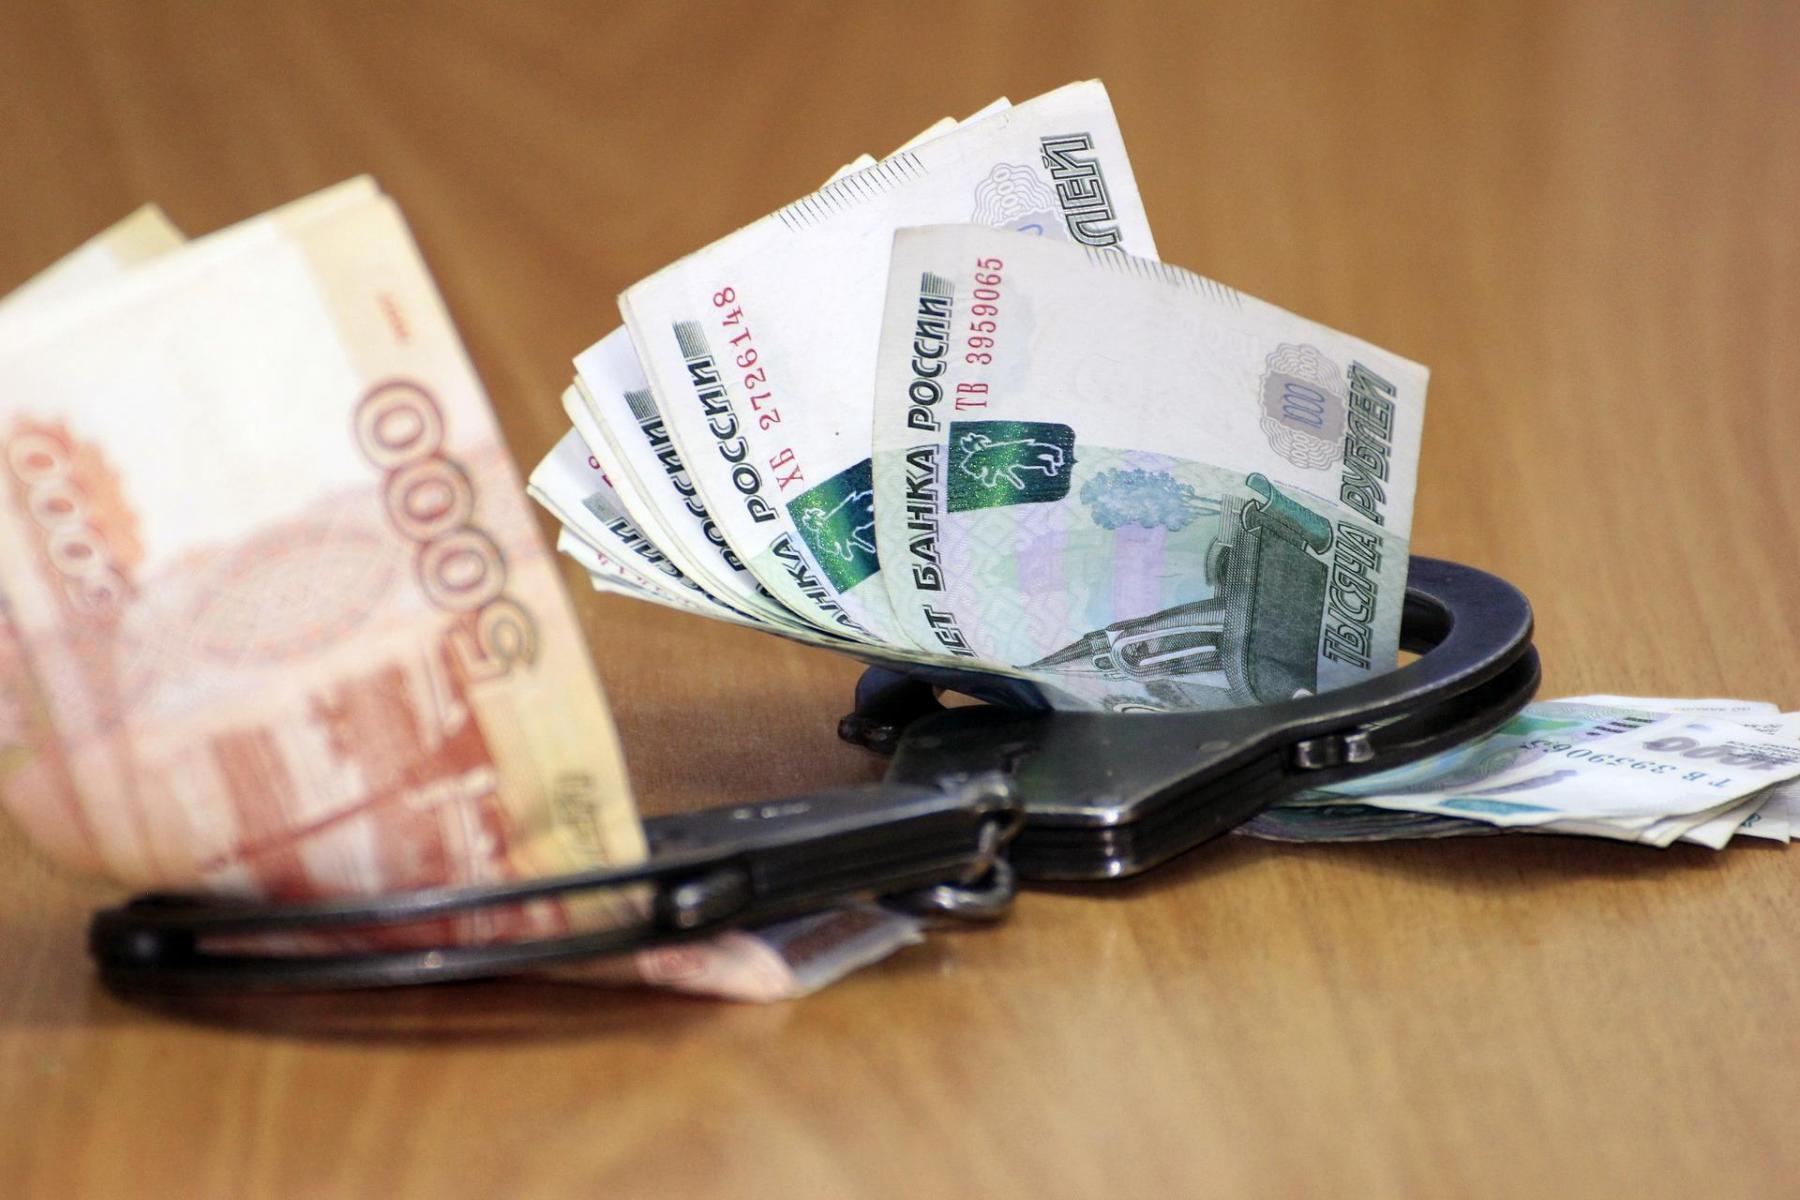 фото Коррупционный скандал в дорожной отрасли, награда от Путина и труп мужчины в центре Бердска: главные новости 30 марта 2021 года – в одном материале 4